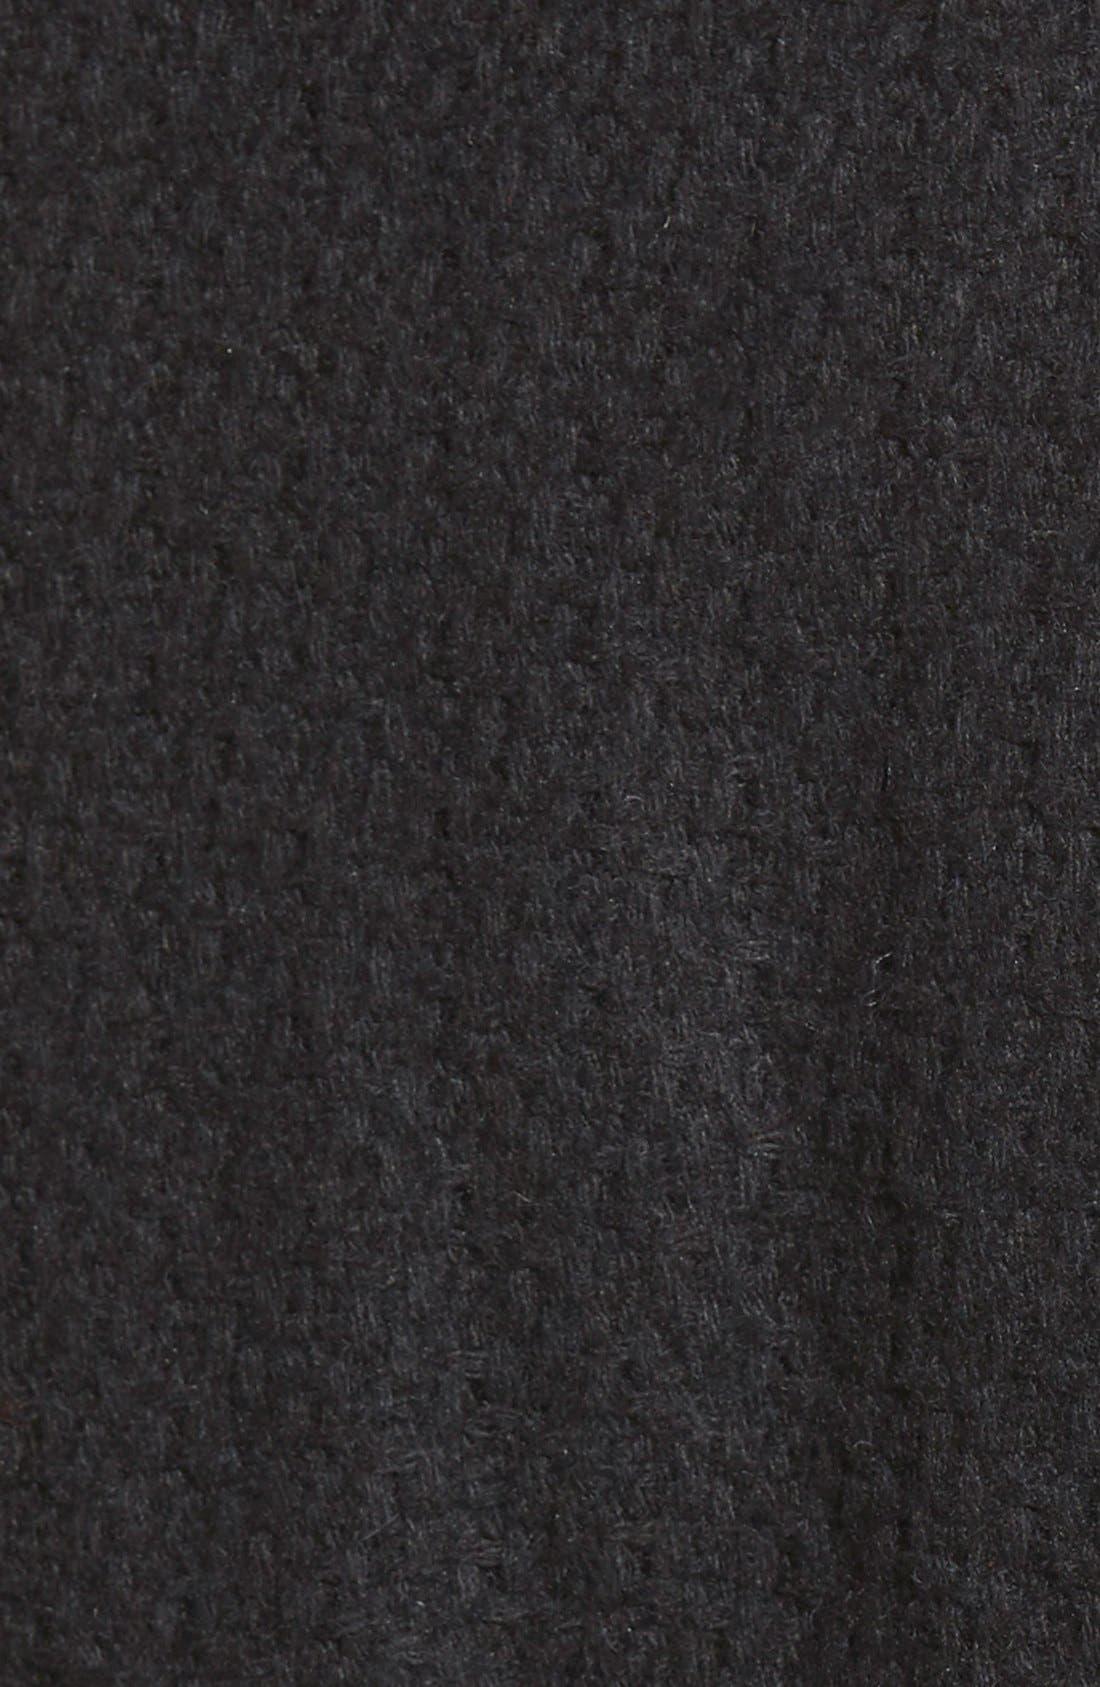 STEVE MADDEN,                             Steven Madden Asymmetrical Zip Skirted Coat,                             Alternate thumbnail 5, color,                             001